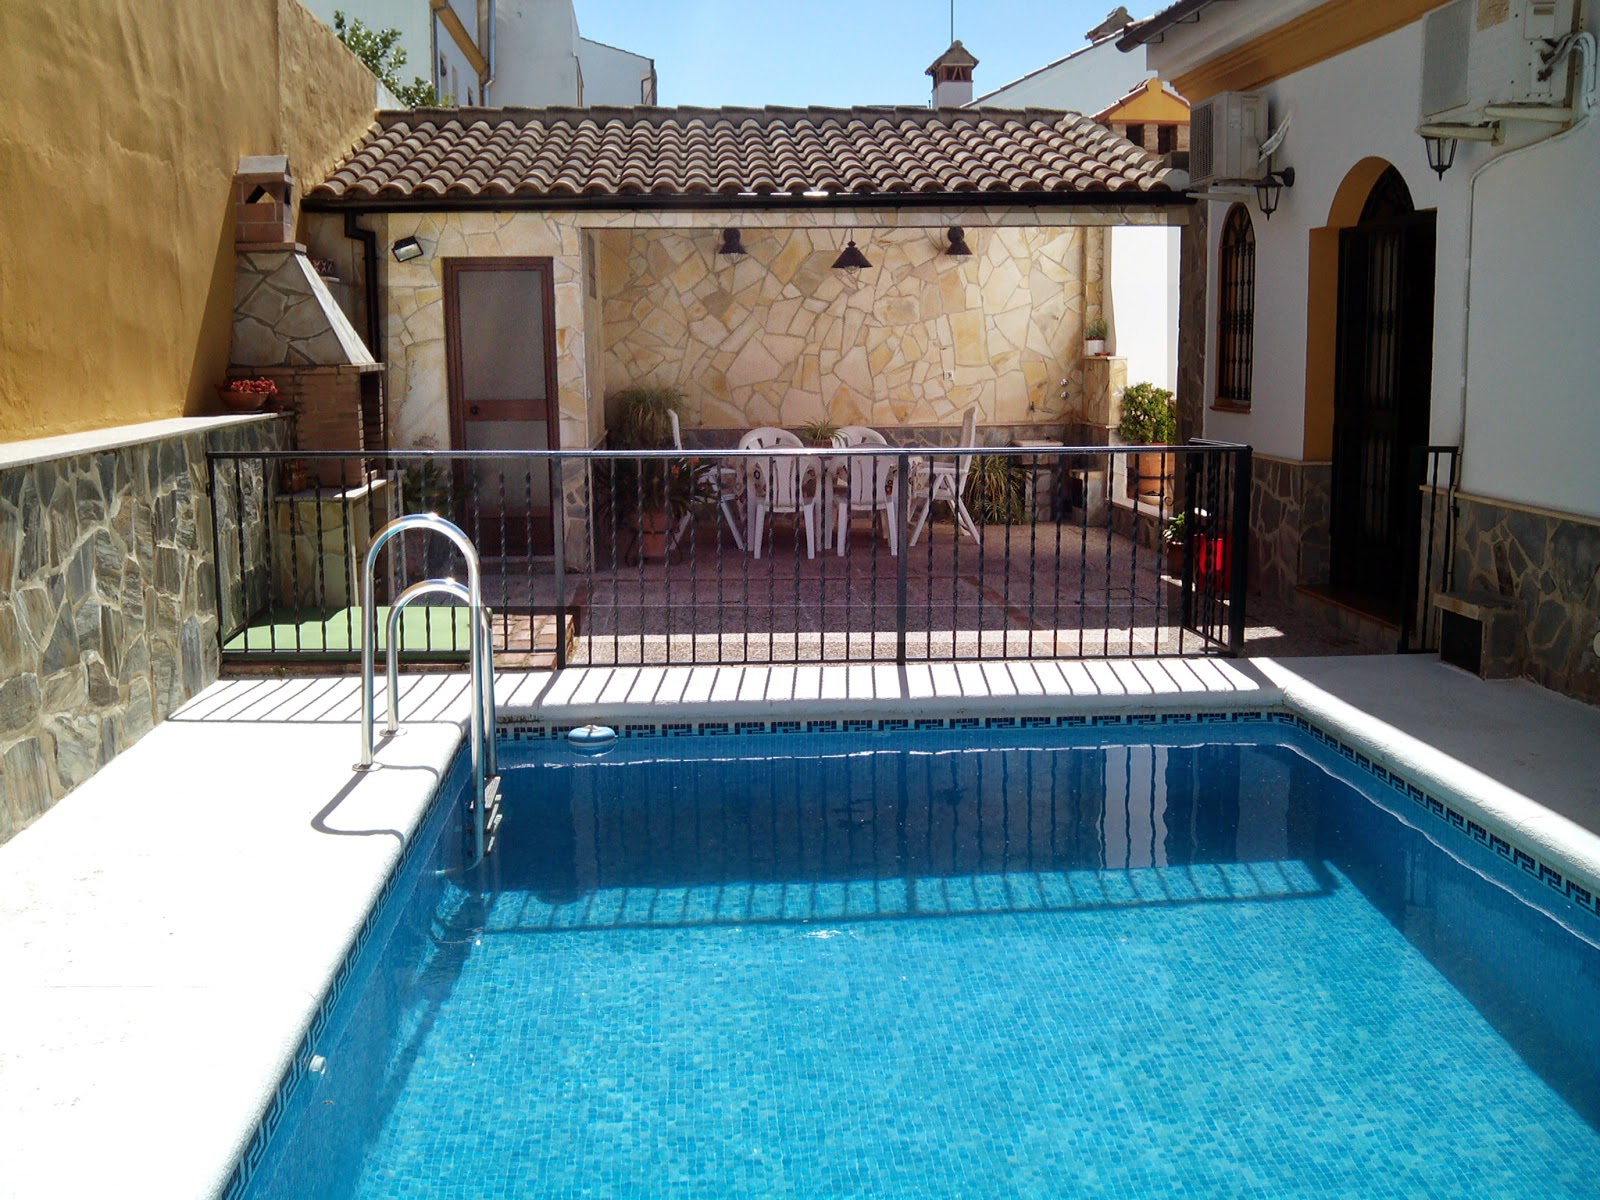 Patios con piscina for Decoracion patio con piscina